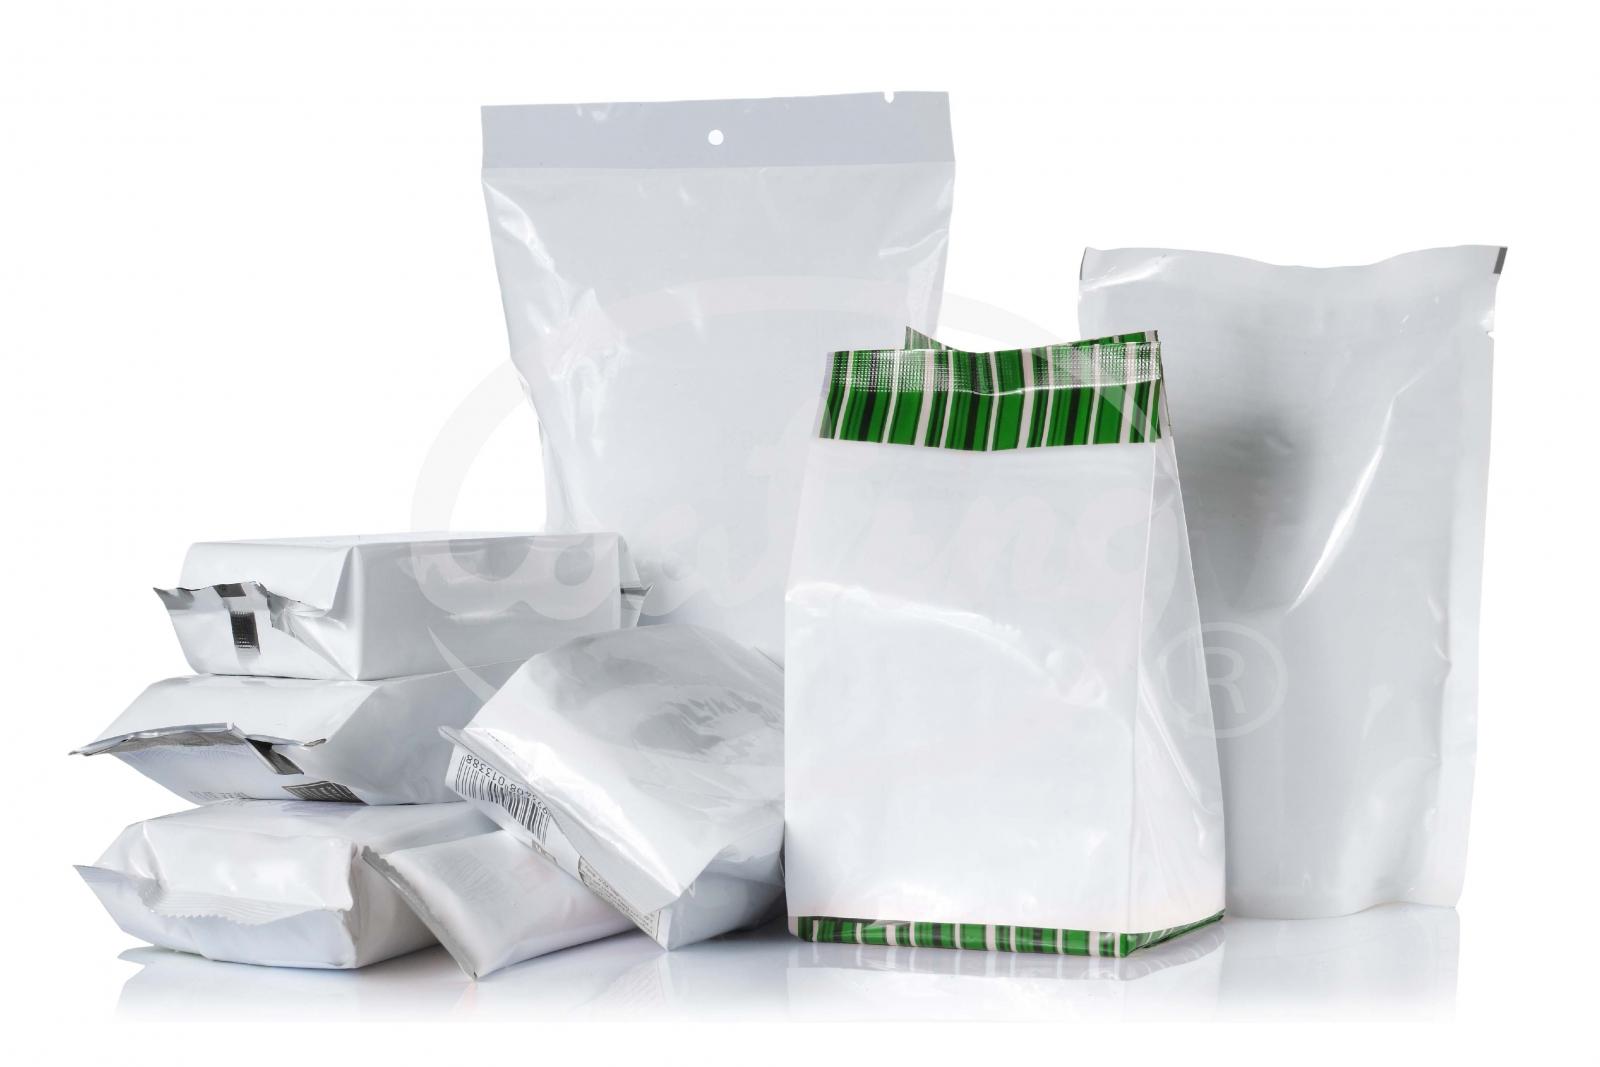 картинки белых упаковок большой вероятностью